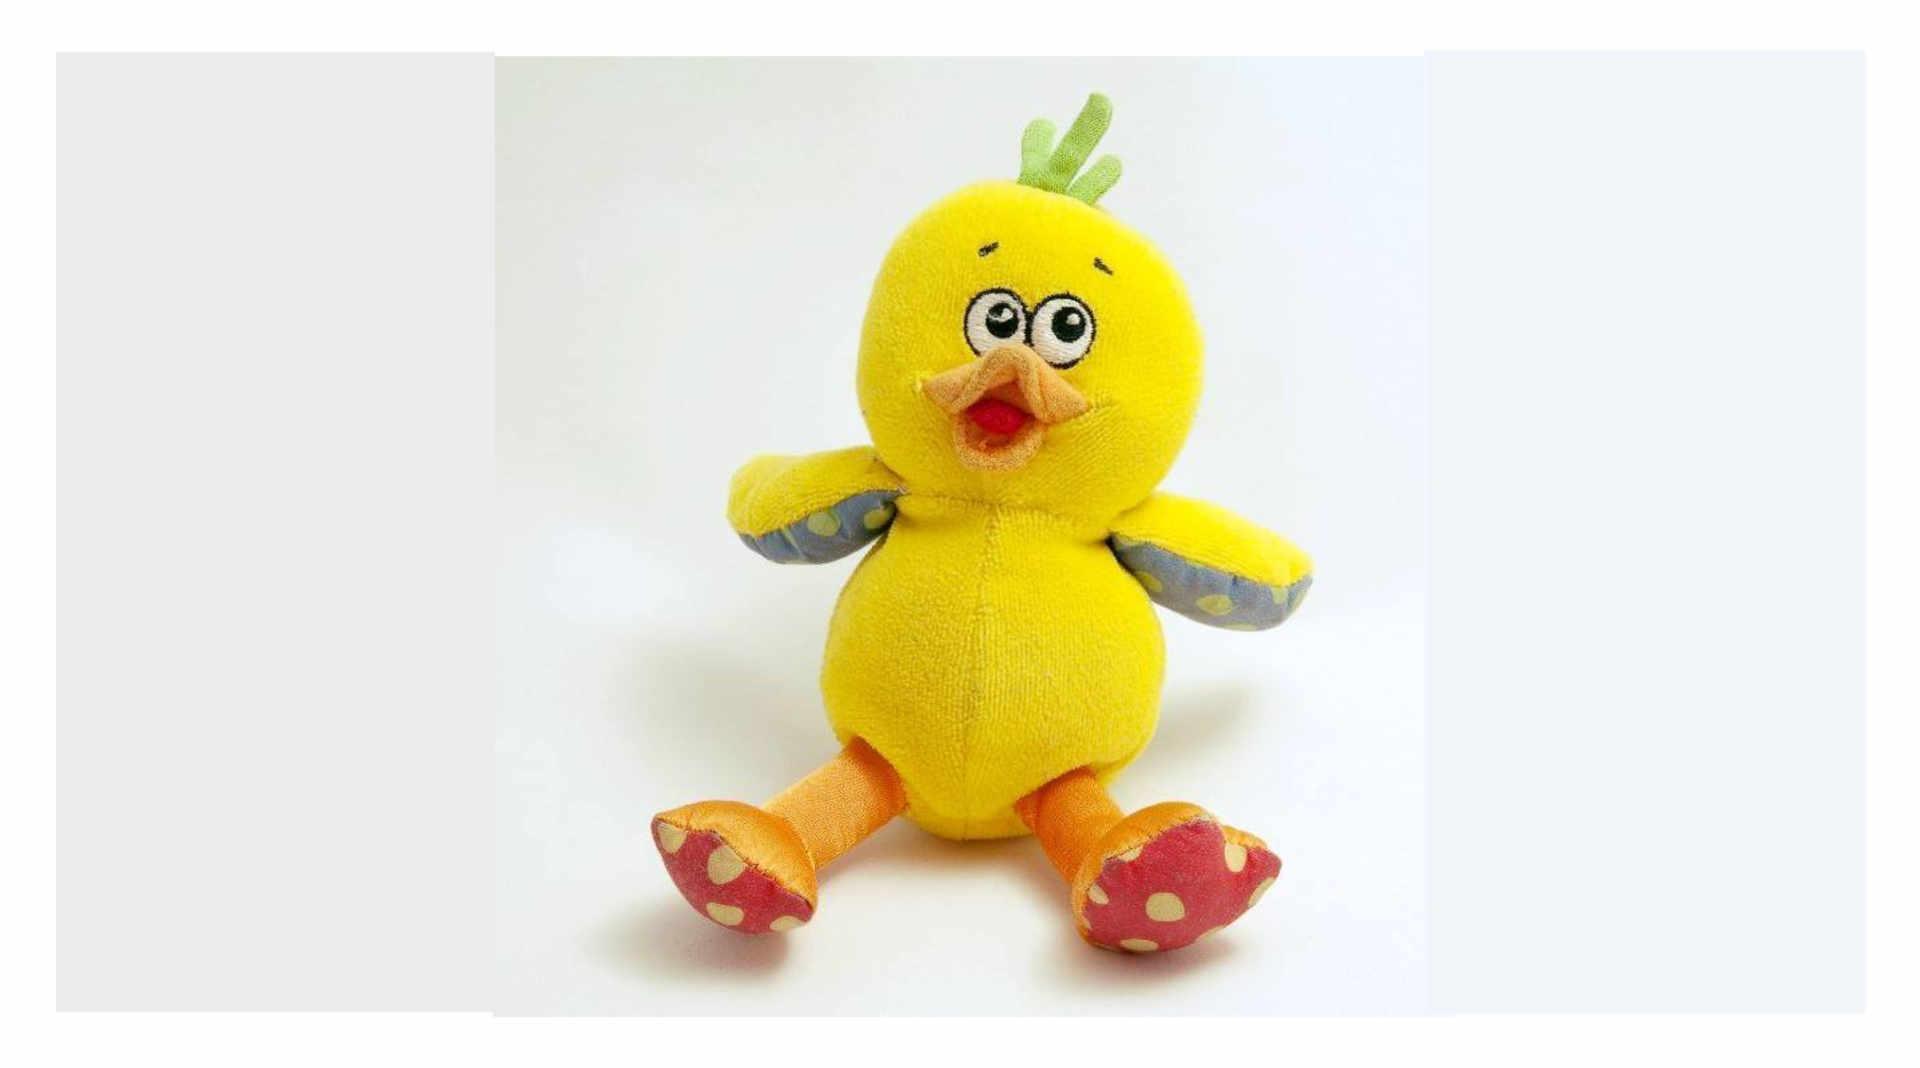 wicky_the duck.jpg